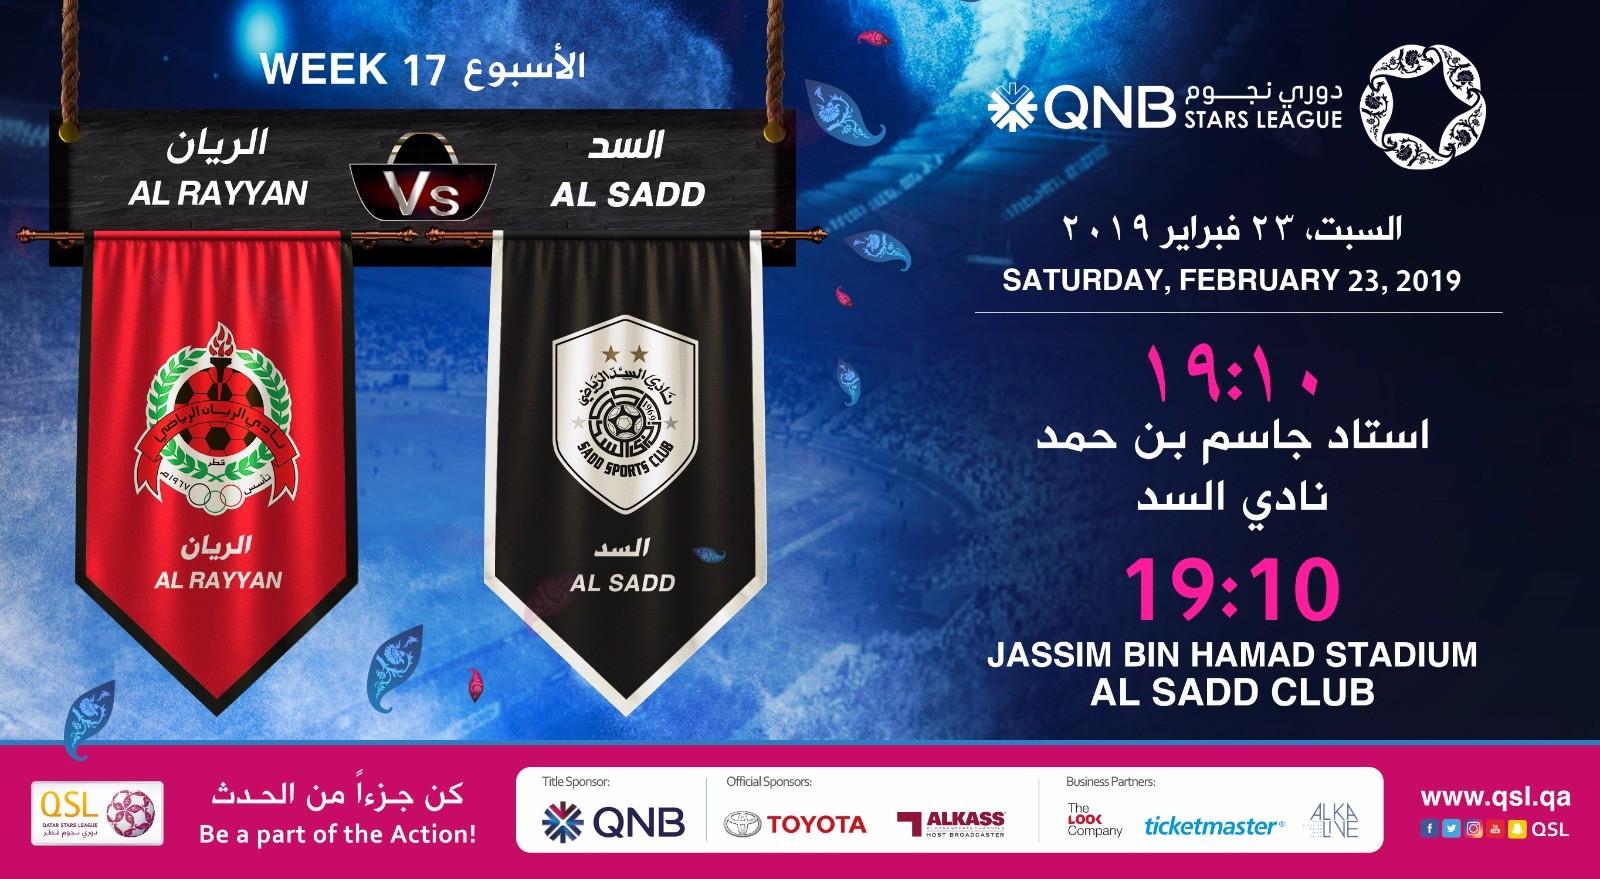 QNB Stars League Week 17 — Al Rayyan vs Al Sadd